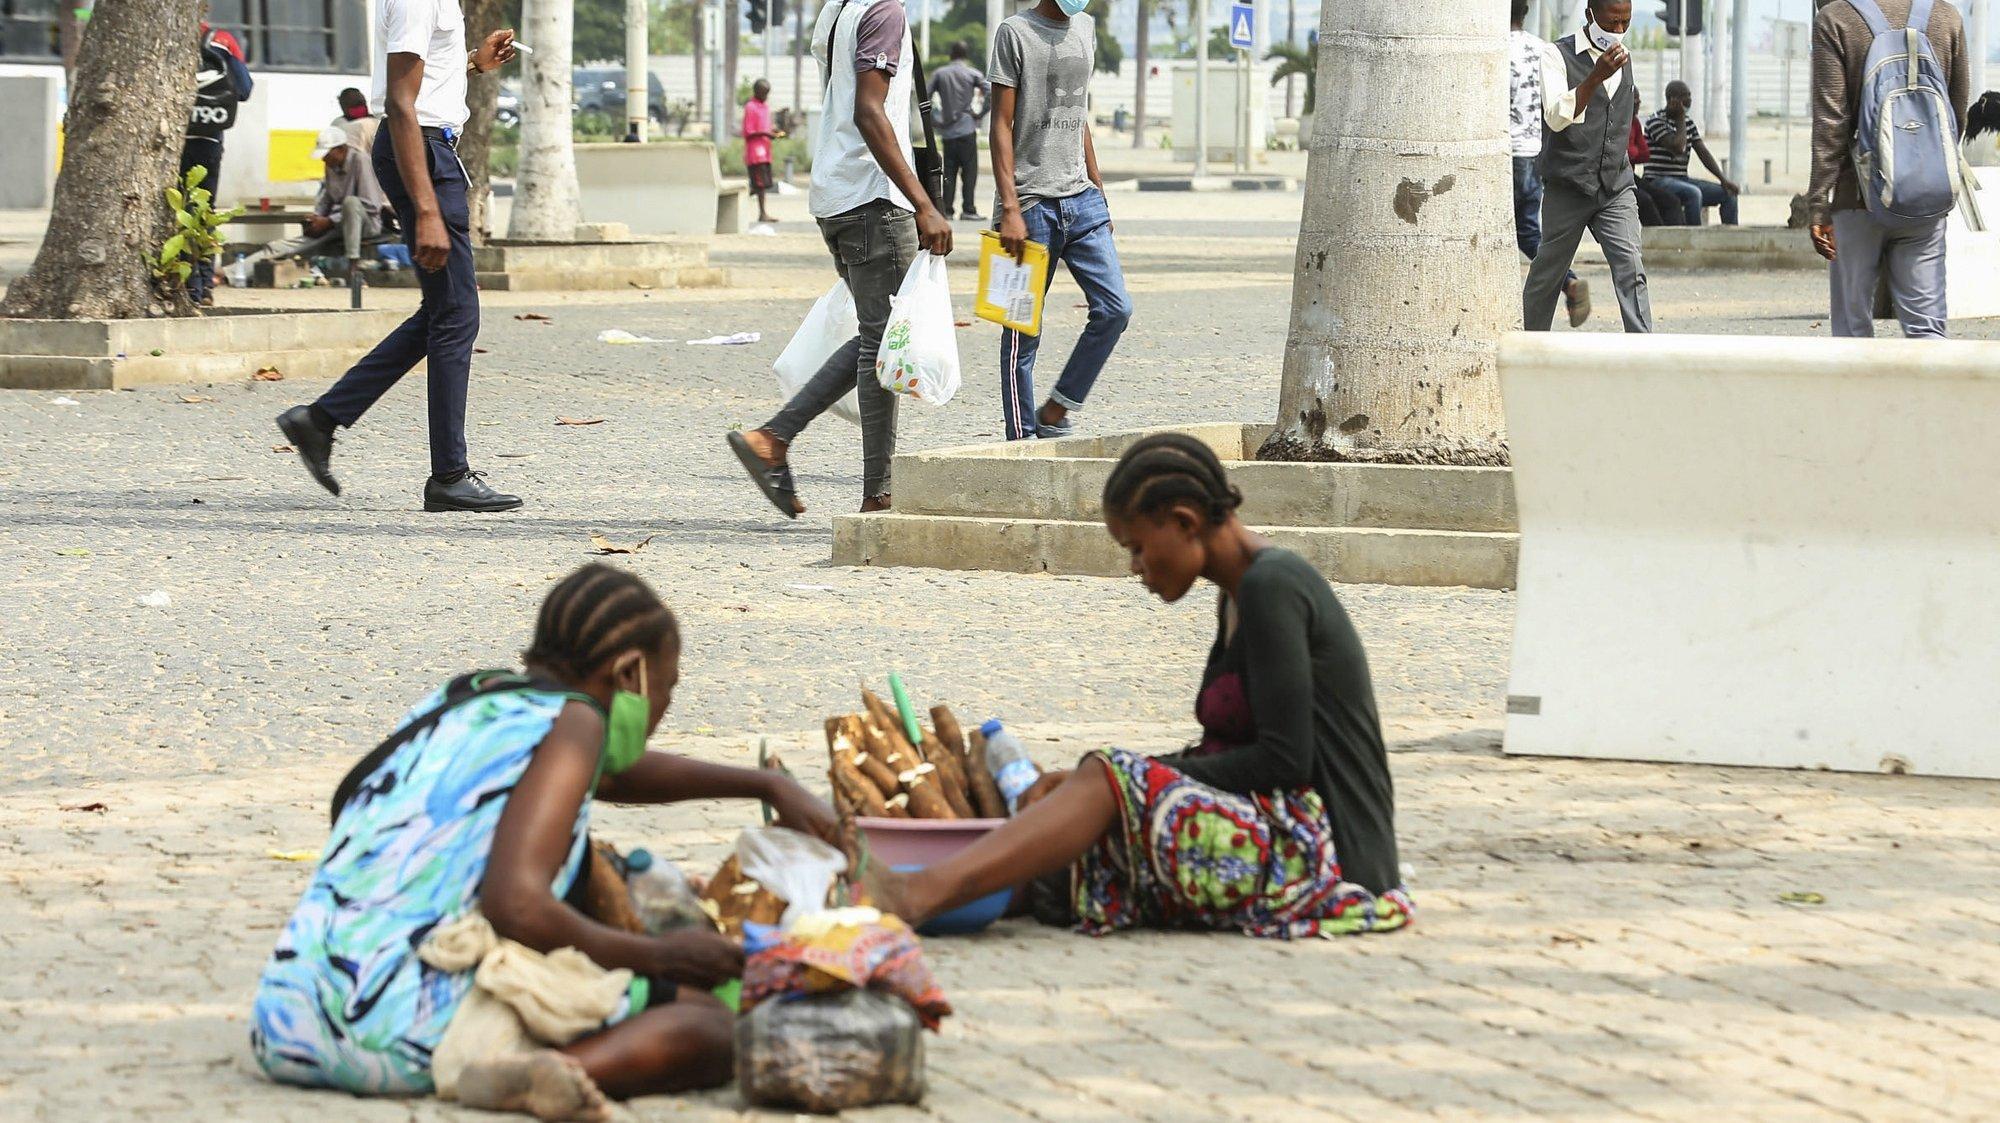 """Jovens vendem produtos numa rua em Luanda, onde a taxa de desemprego é elevado e que afeta sobretudo jovens, situação que resulta da crise económica, financeira e cambial que o país vive, desde finais de 2014, devido à queda do preço do petróleo no mercado internacional, Angola, 16 de junho de 2021. Jovens angolanos desempregados, muitos qualificados, queixam-se das dificuldades de arranjar trabalho e até biscates para sobreviver, mas garantem """"continuar na luta"""", com mais fé em Deus do que nas políticas públicas. (ACOMPANHA TEXTO DA LUSA DO DIA 20 DE JUNHO DE 2021). AMPE ROGÉRIO/LUSA"""